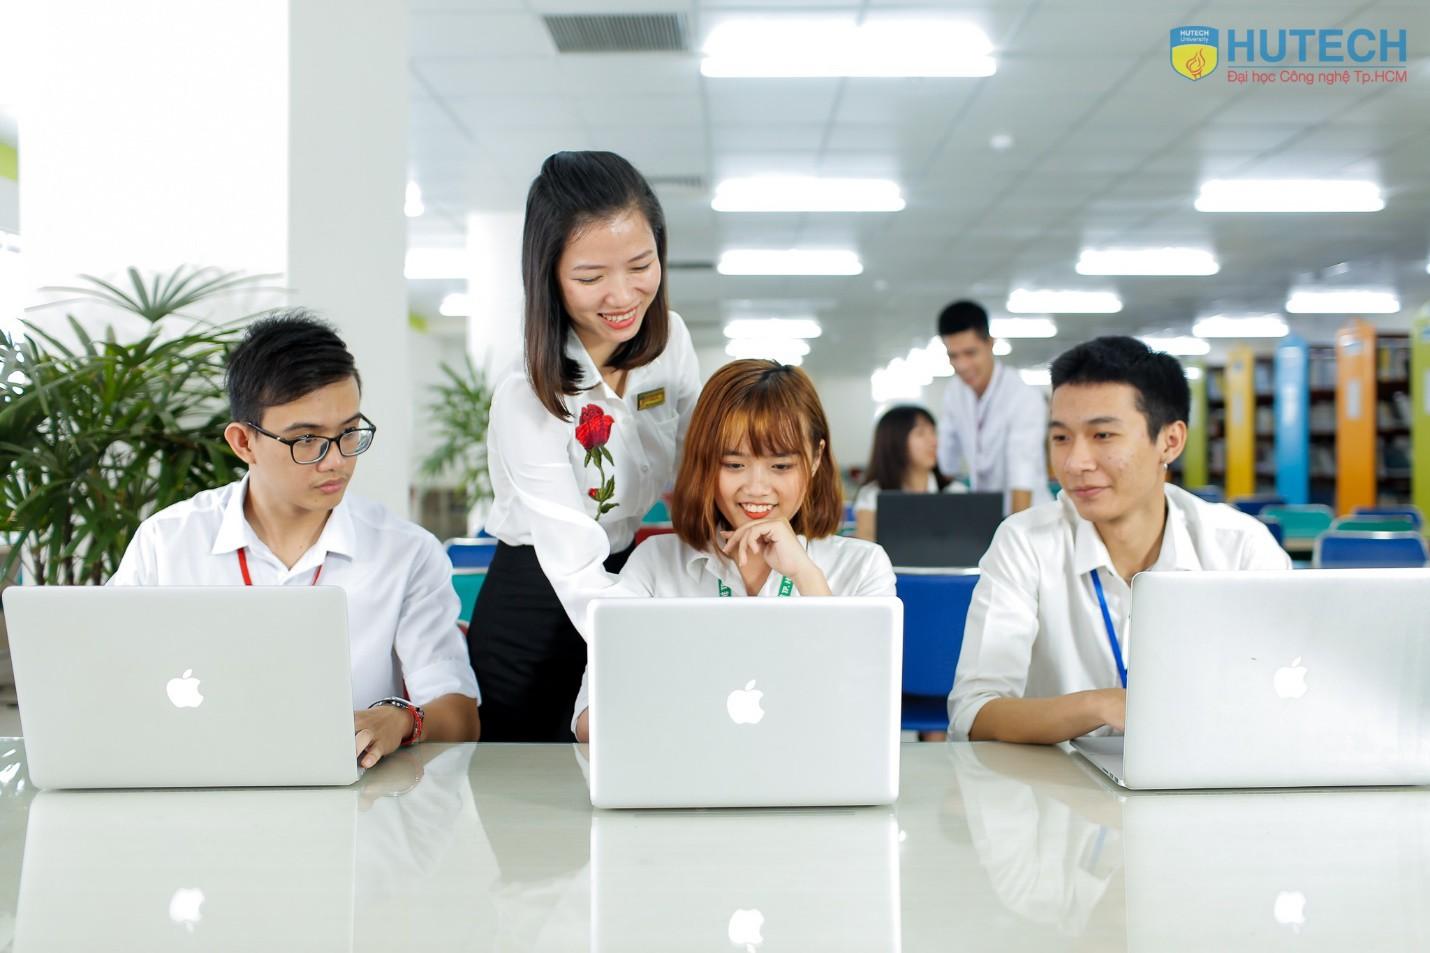 4 lưu ý chọn trường học Công nghệ thông tin - Ngành chưa bao giờ hết hot - Ảnh 4.